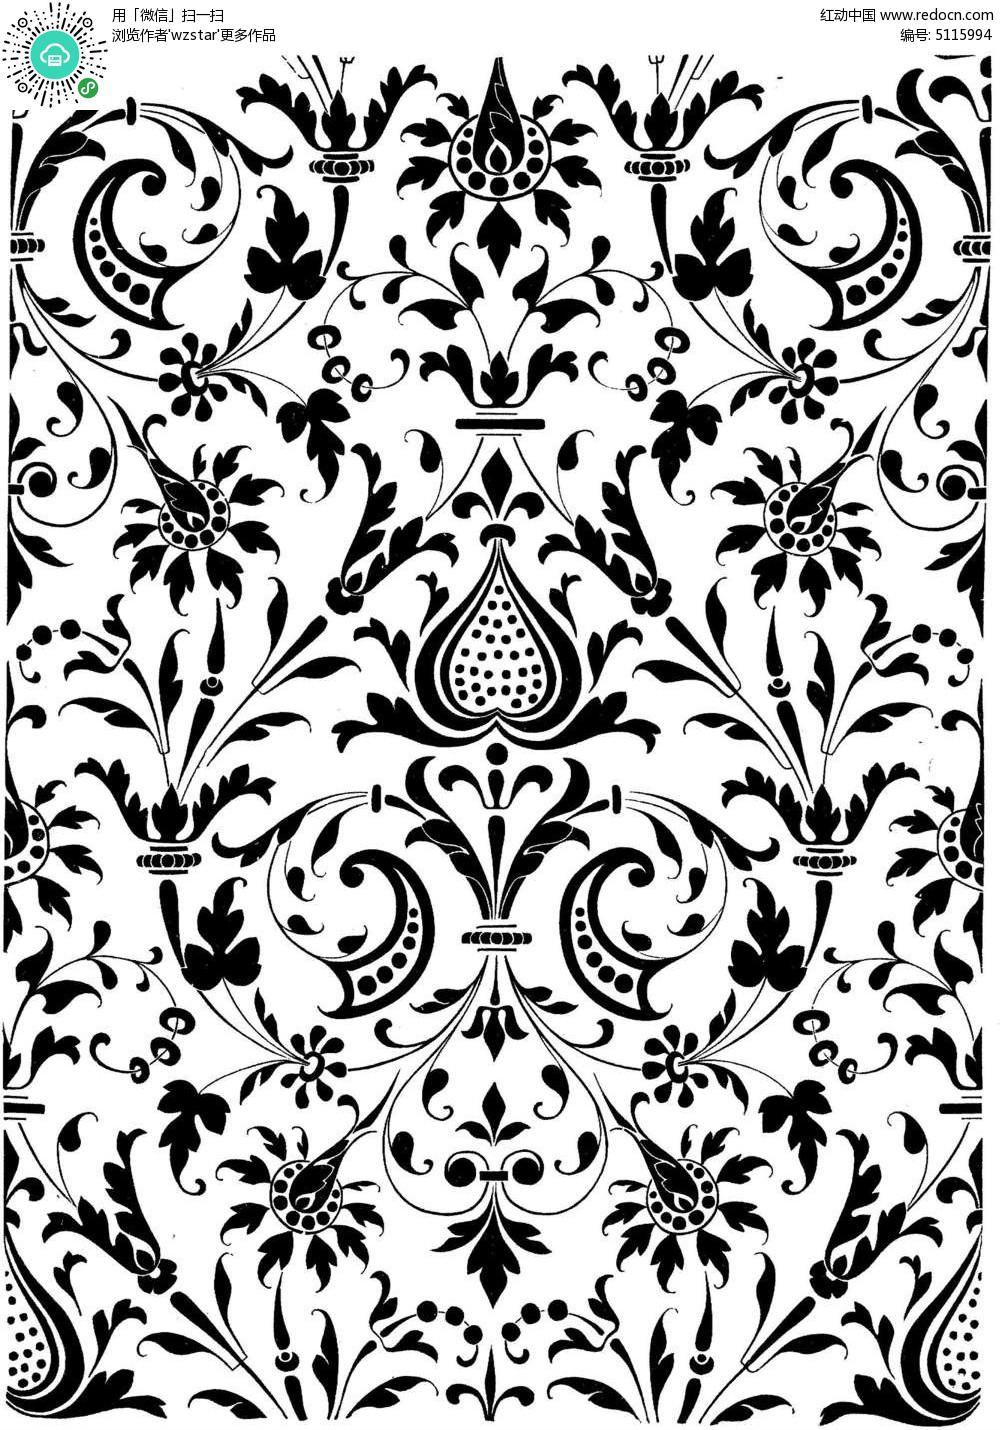 传统黑白植物花卉素材